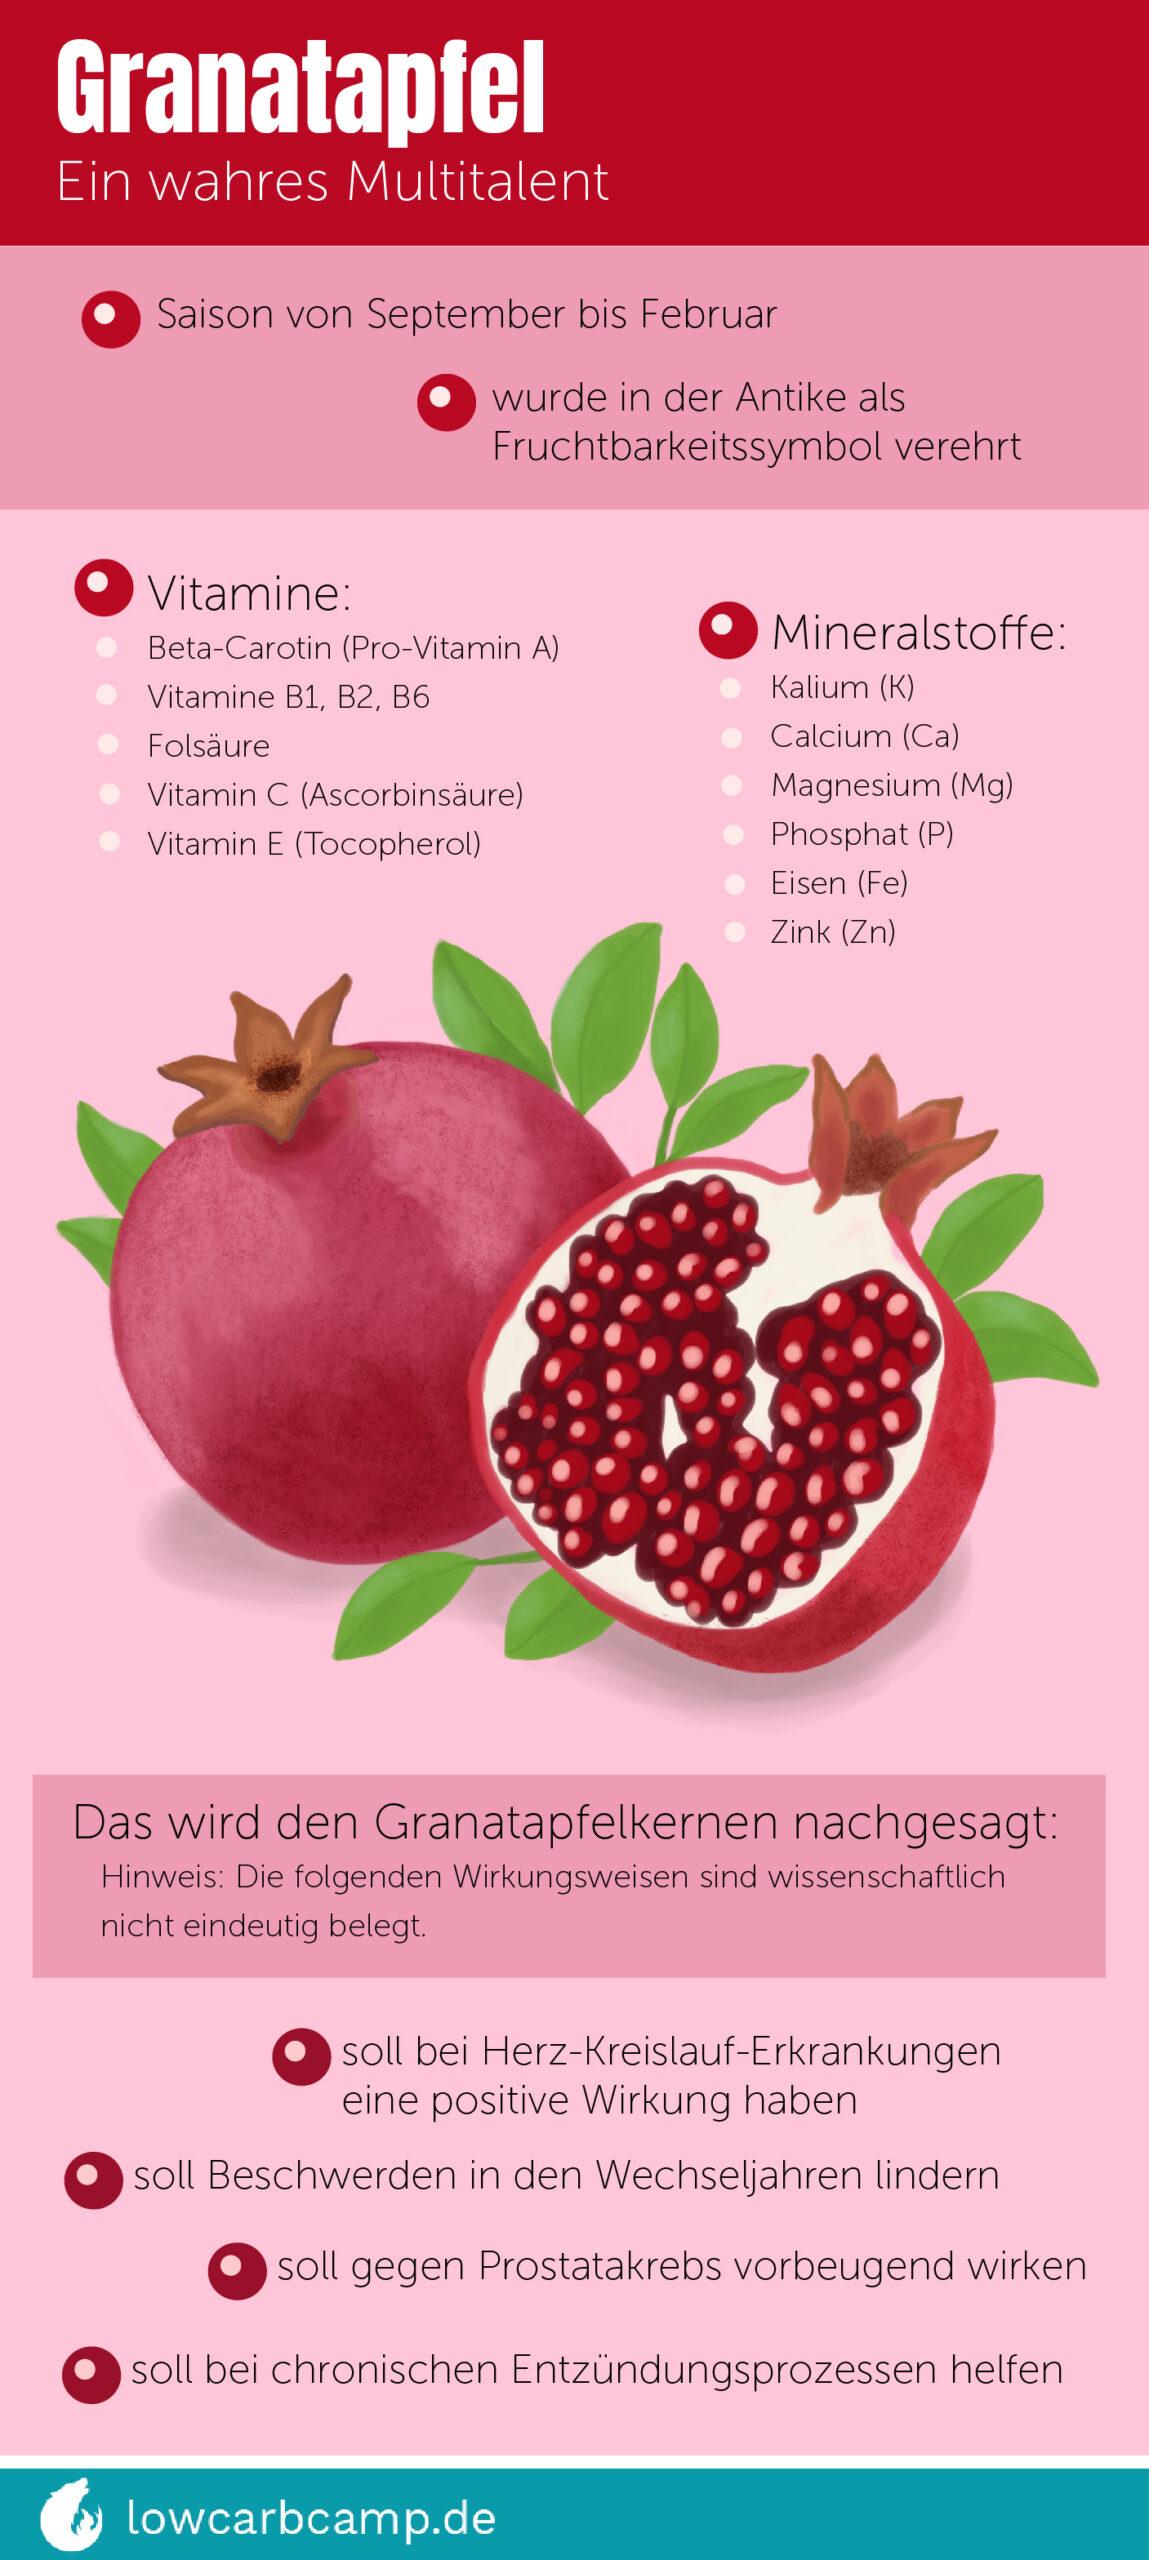 Darum ist der Granatapfel ein wahres Multitalent!